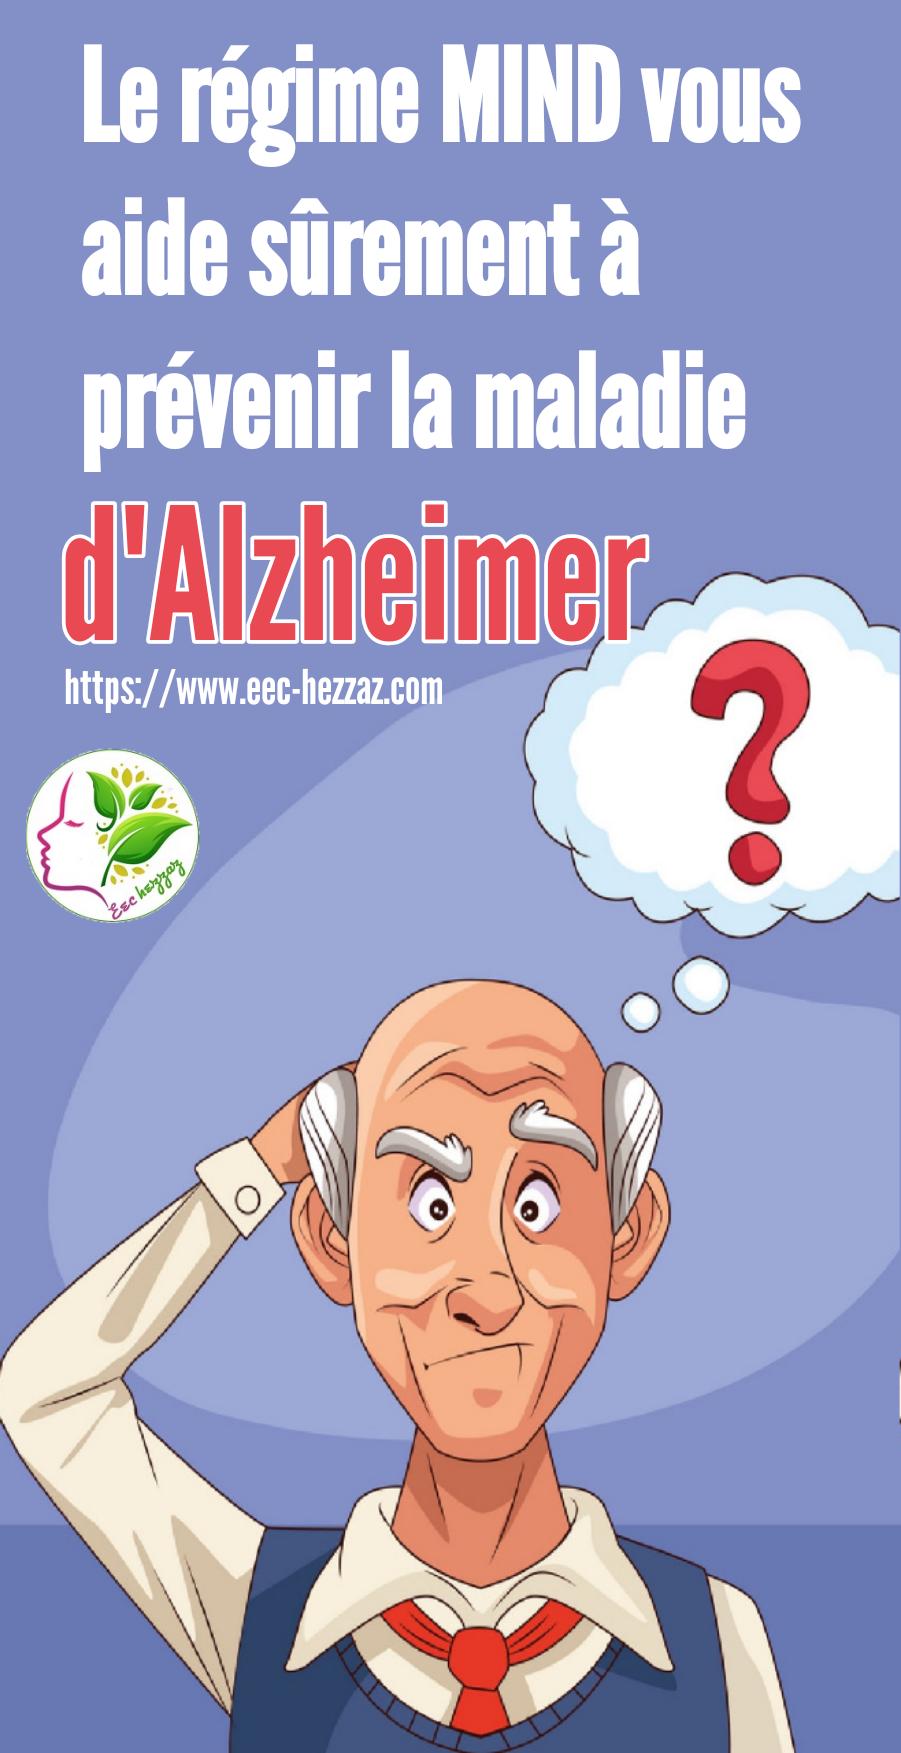 Le régime MIND vous aide sûrement à prévenir la maladie d'Alzheimer